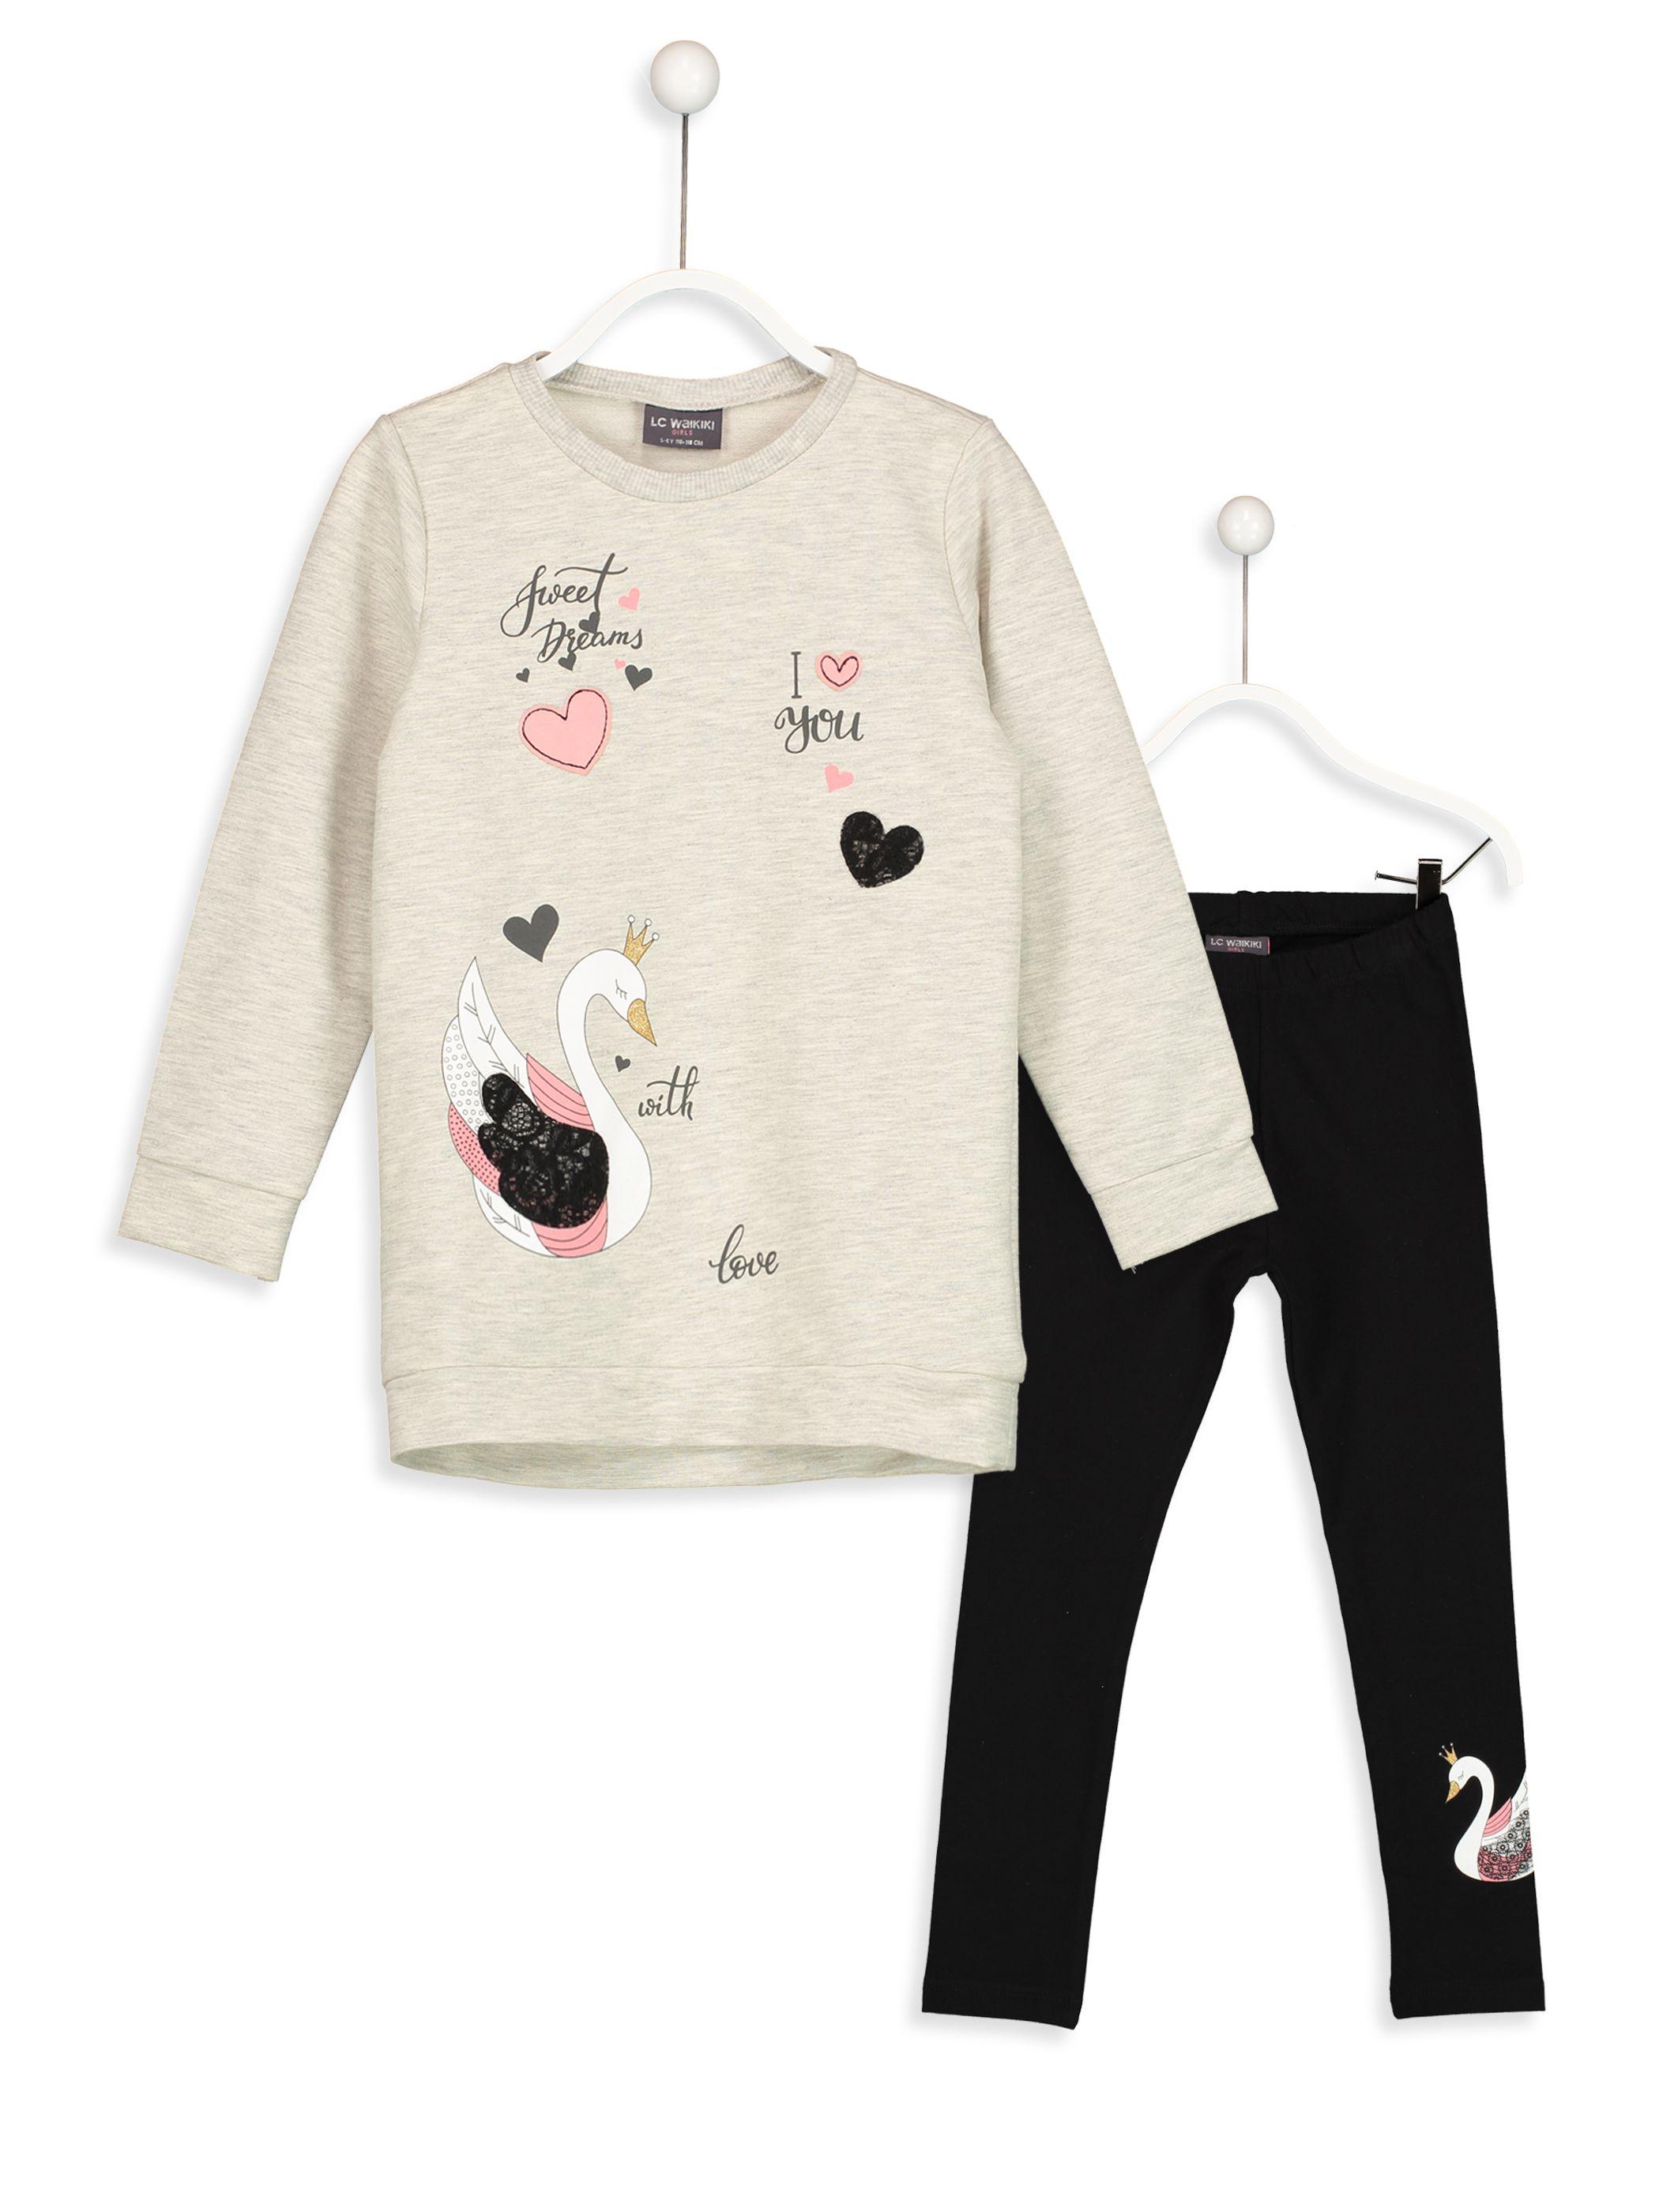 12649c169f81a Kuğu Baskılı Sweatshirt ve Tayt -8S4254Z4-355 - LC Waikiki Erkek Çocuk  Modası,